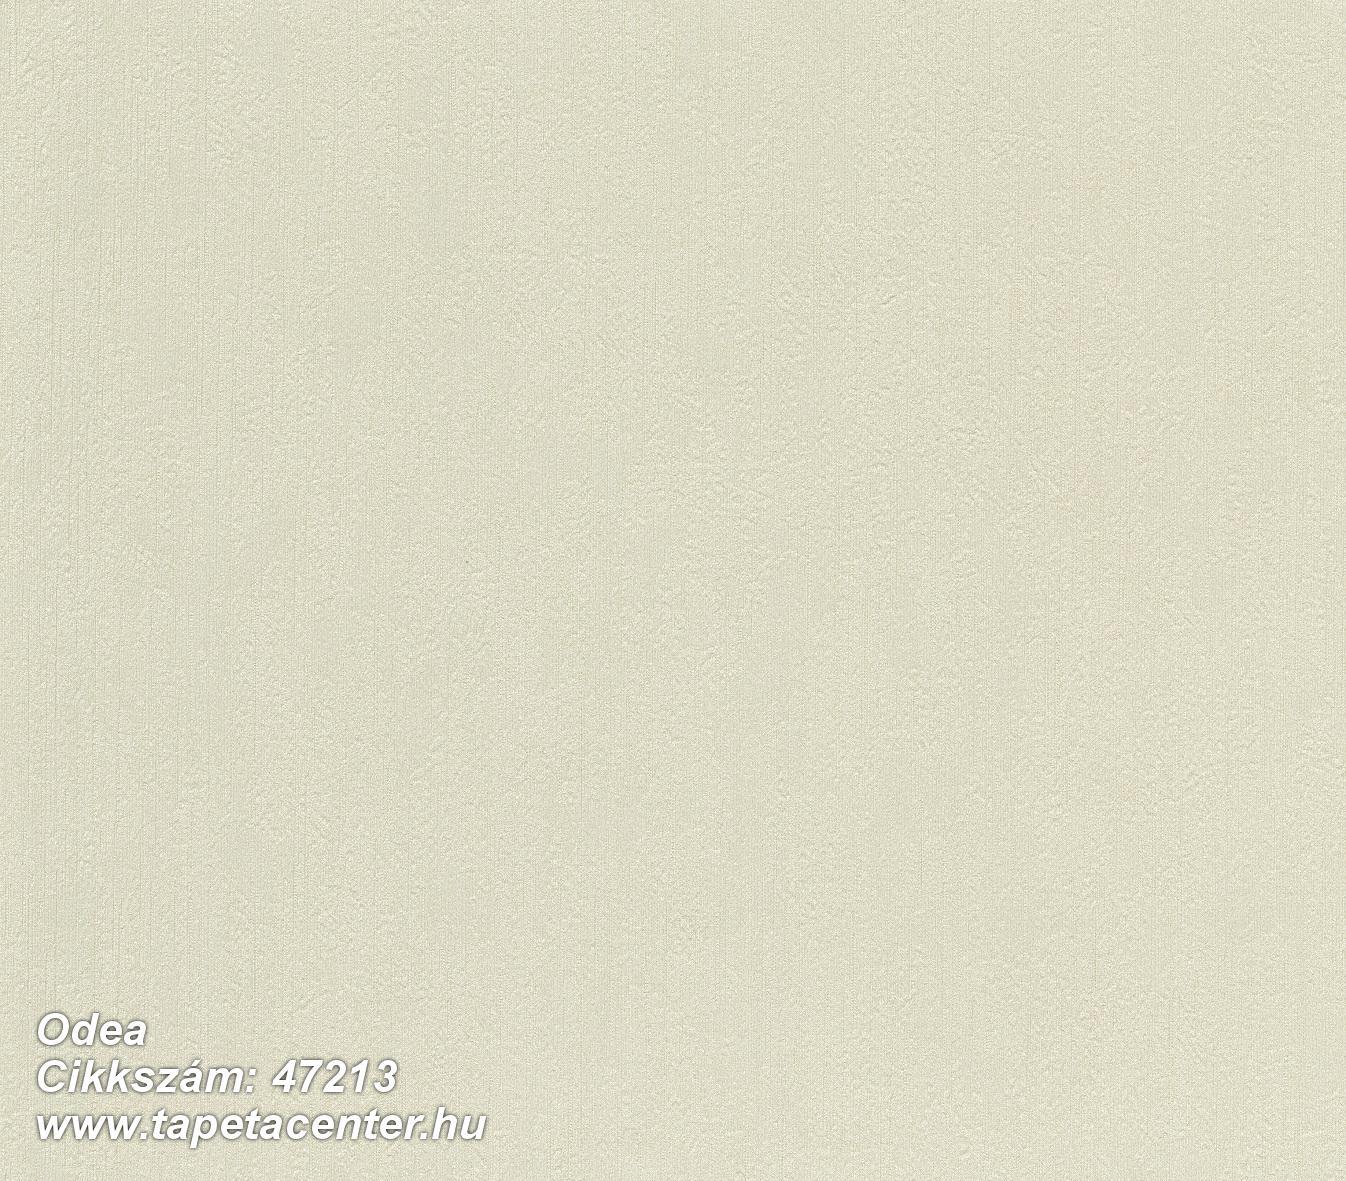 Odea - 47213 Olasz tapéta